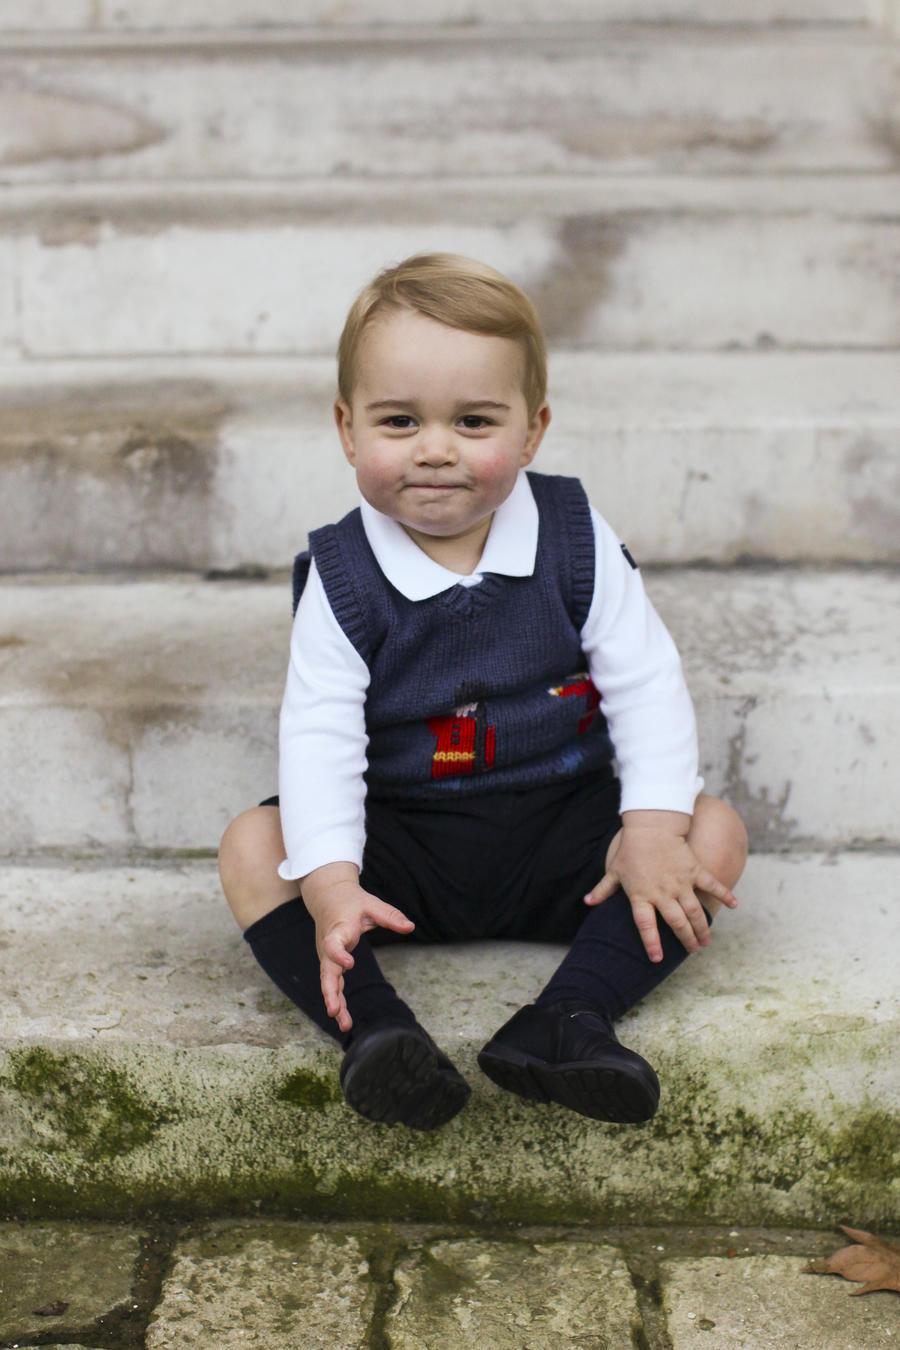 Его королевское милейшество: Принц Уильям и Кейт Миддлтон опубликовали рождественские фото сына